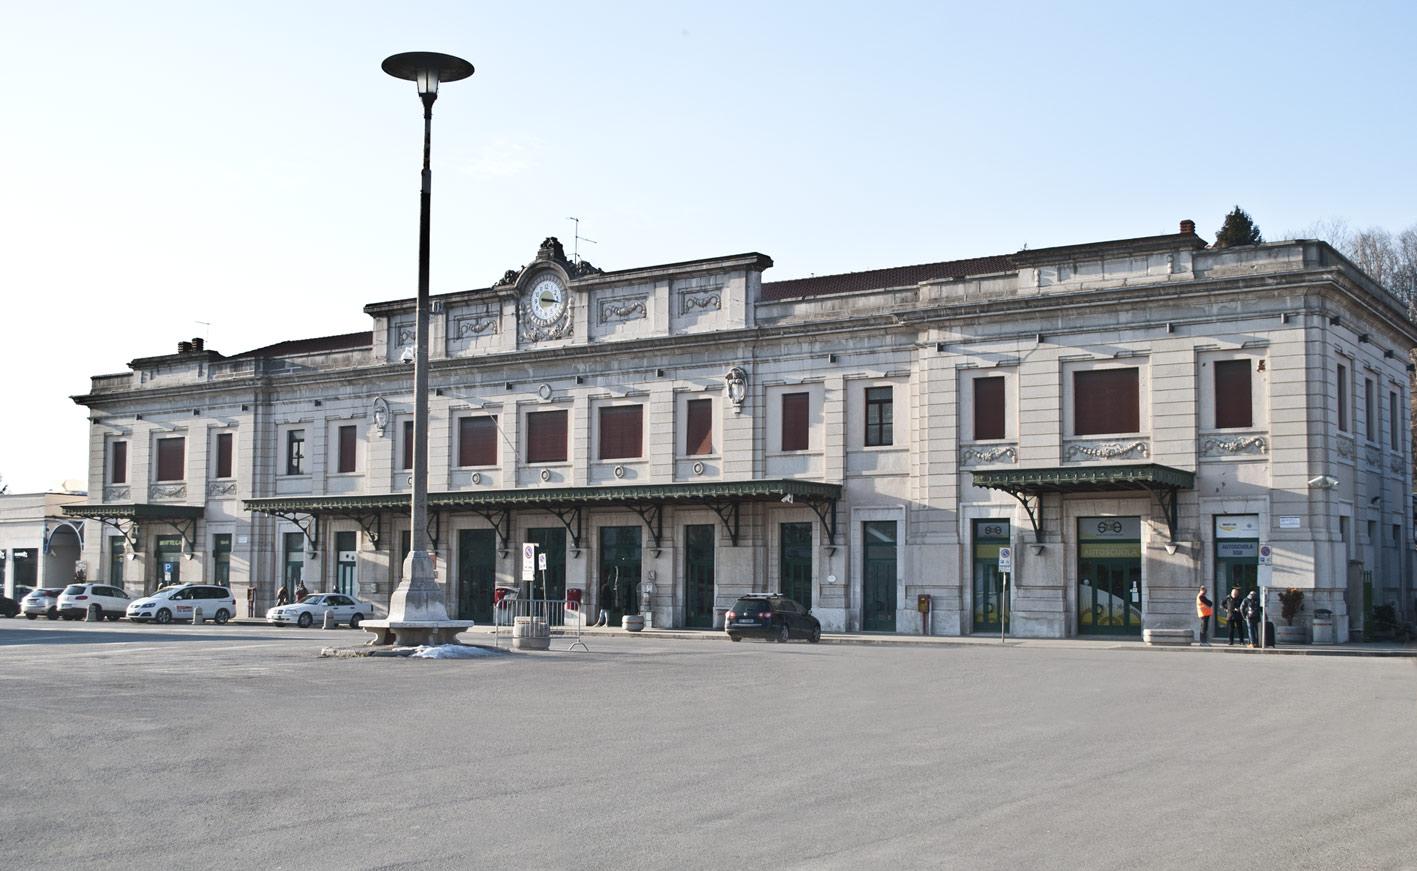 Stazione Ferroviaria di Belluno